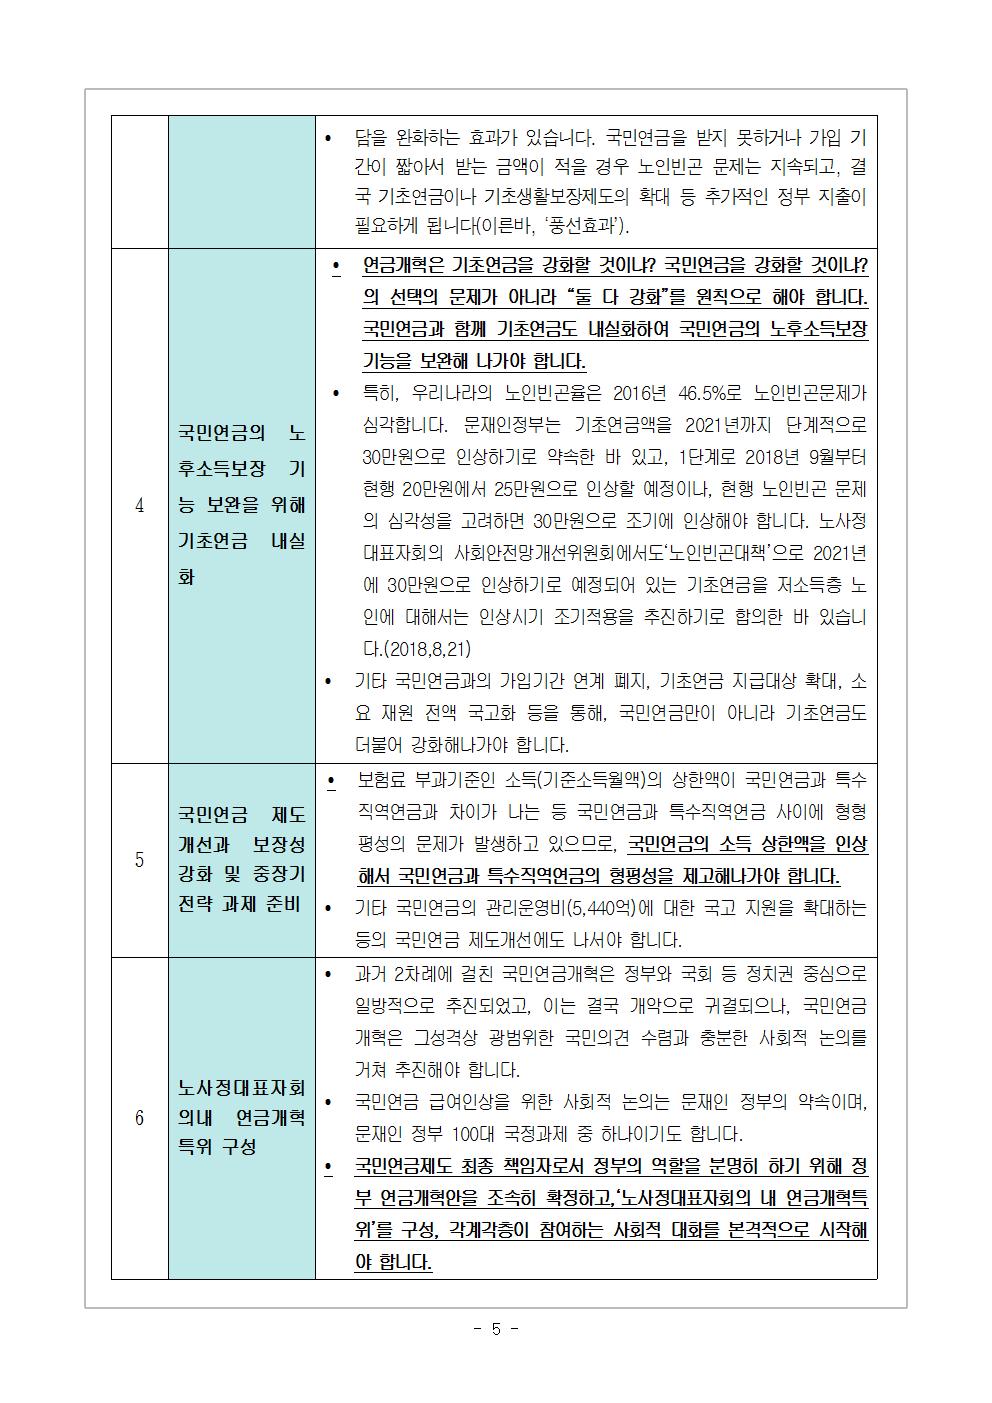 [2018 교육지-10] 국민연금 개혁 6대 요구안005.png